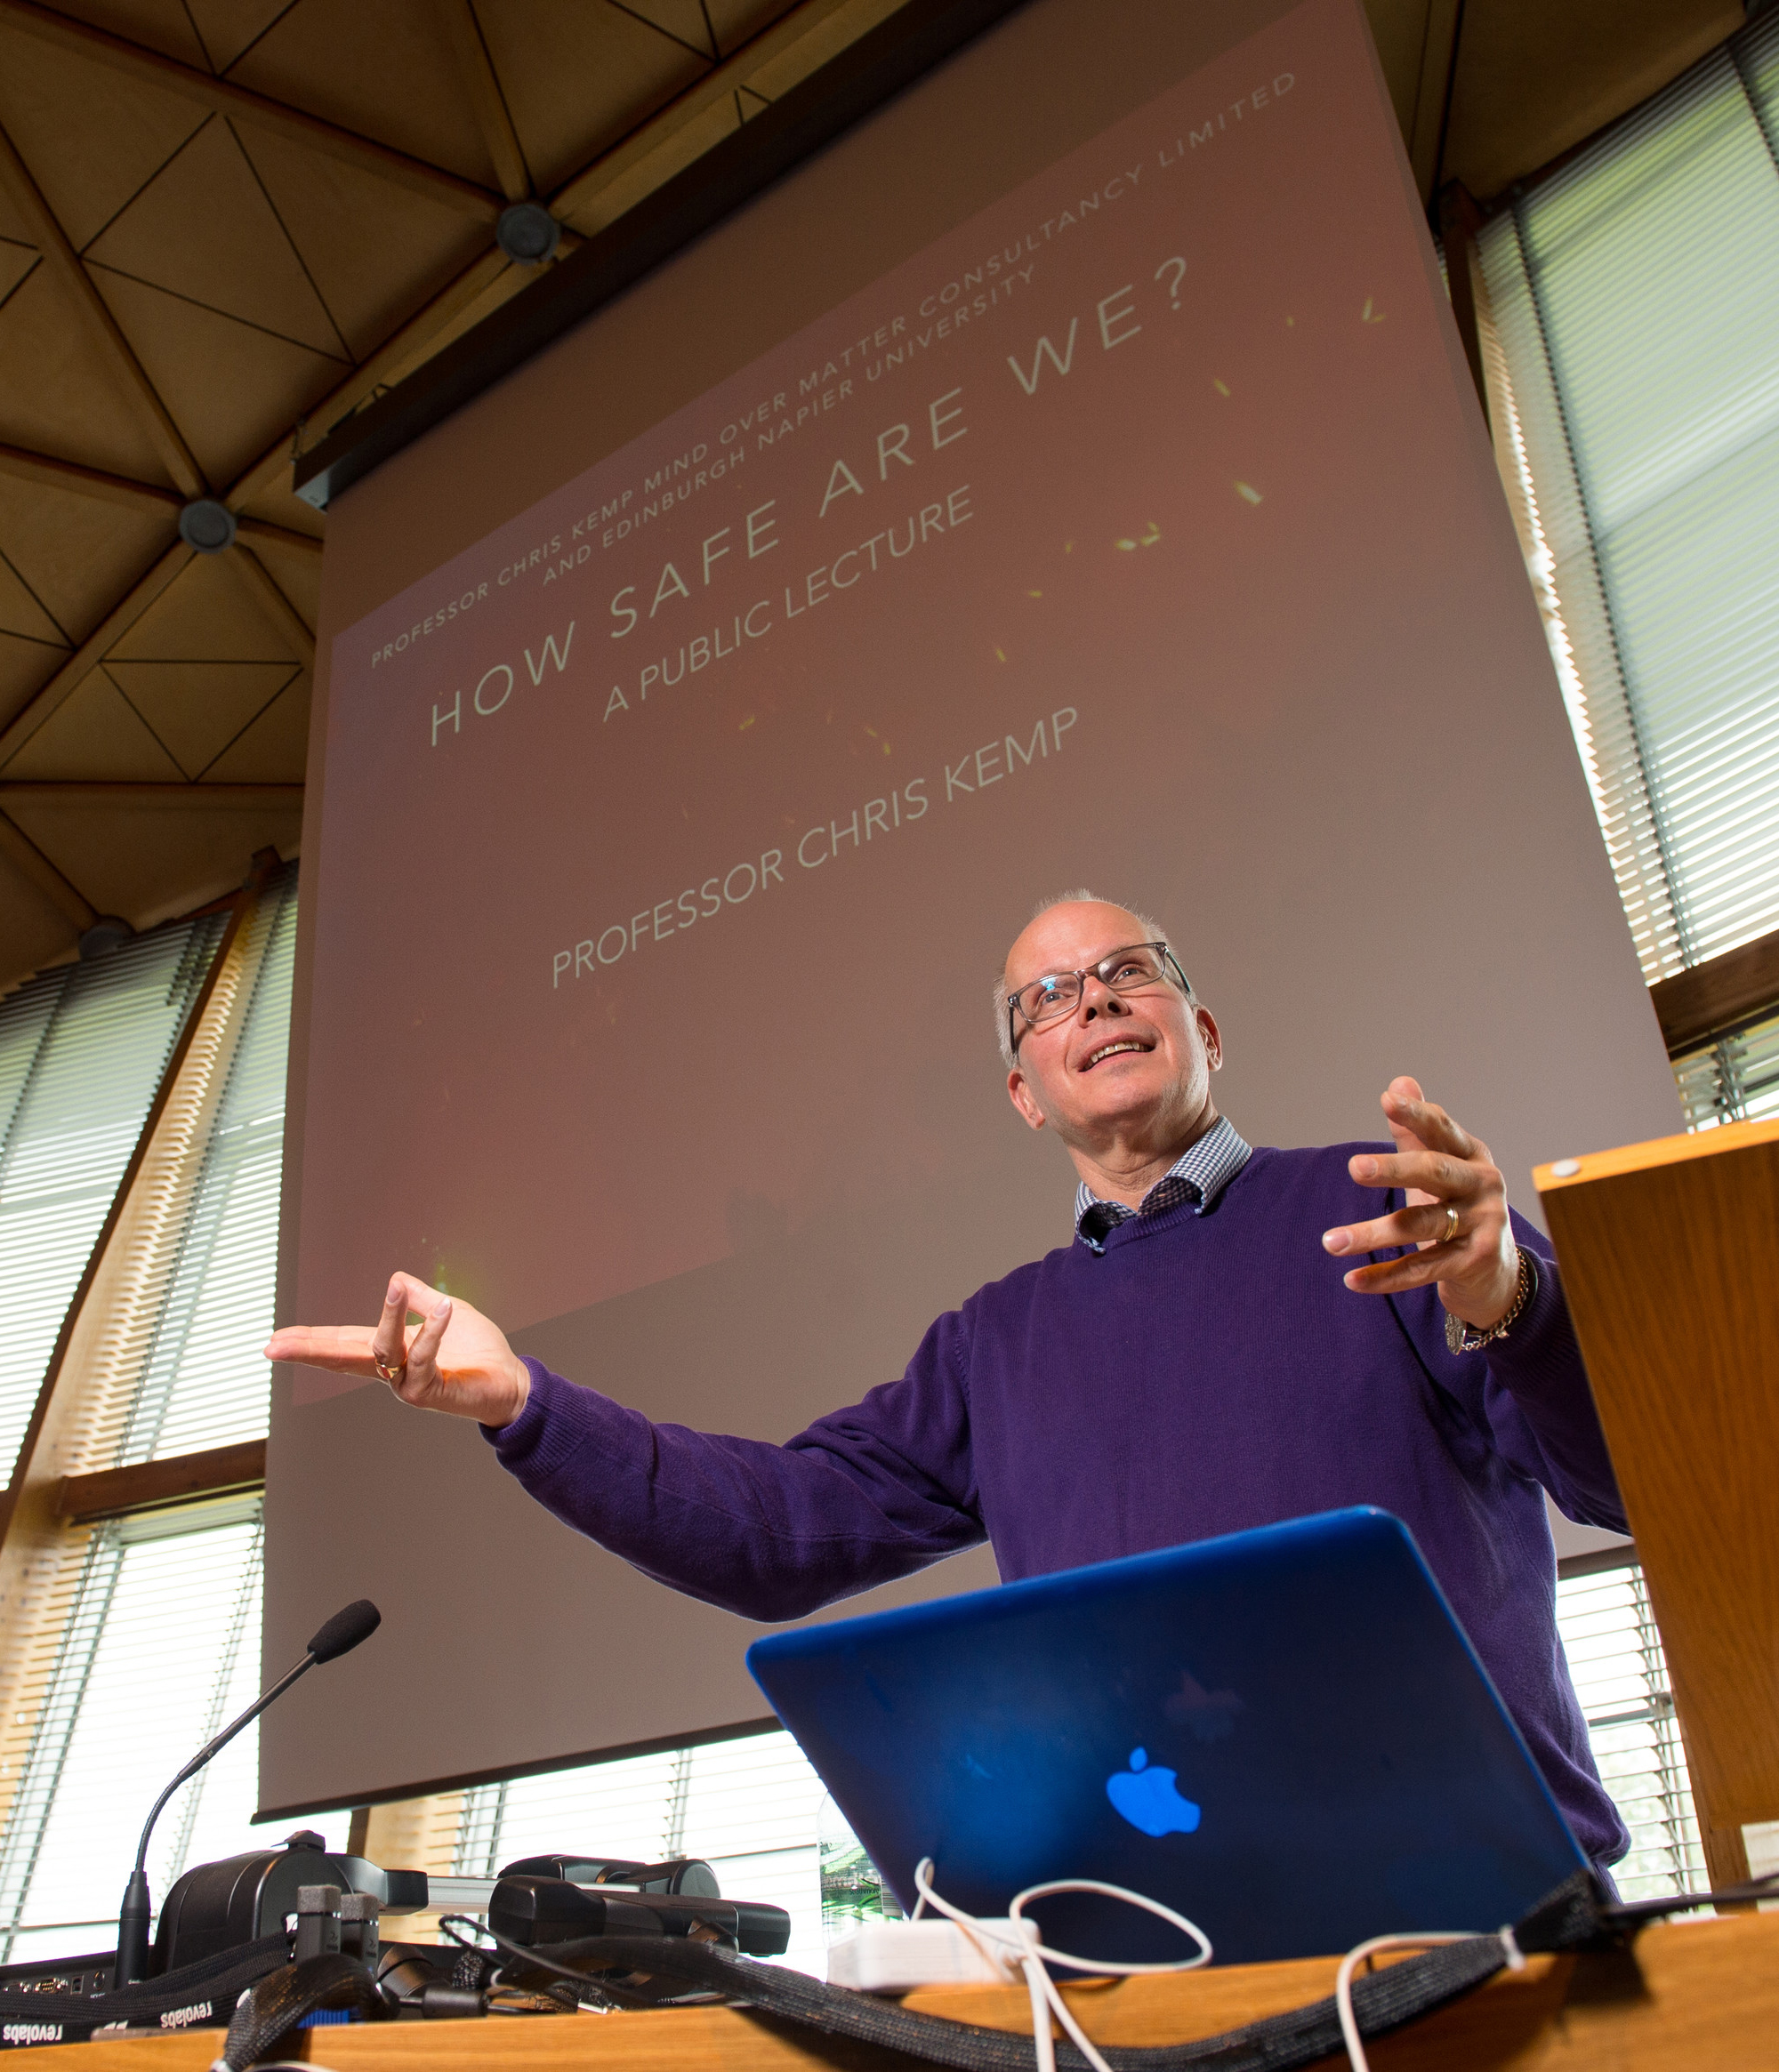 Professor Chris Kemp public lecture